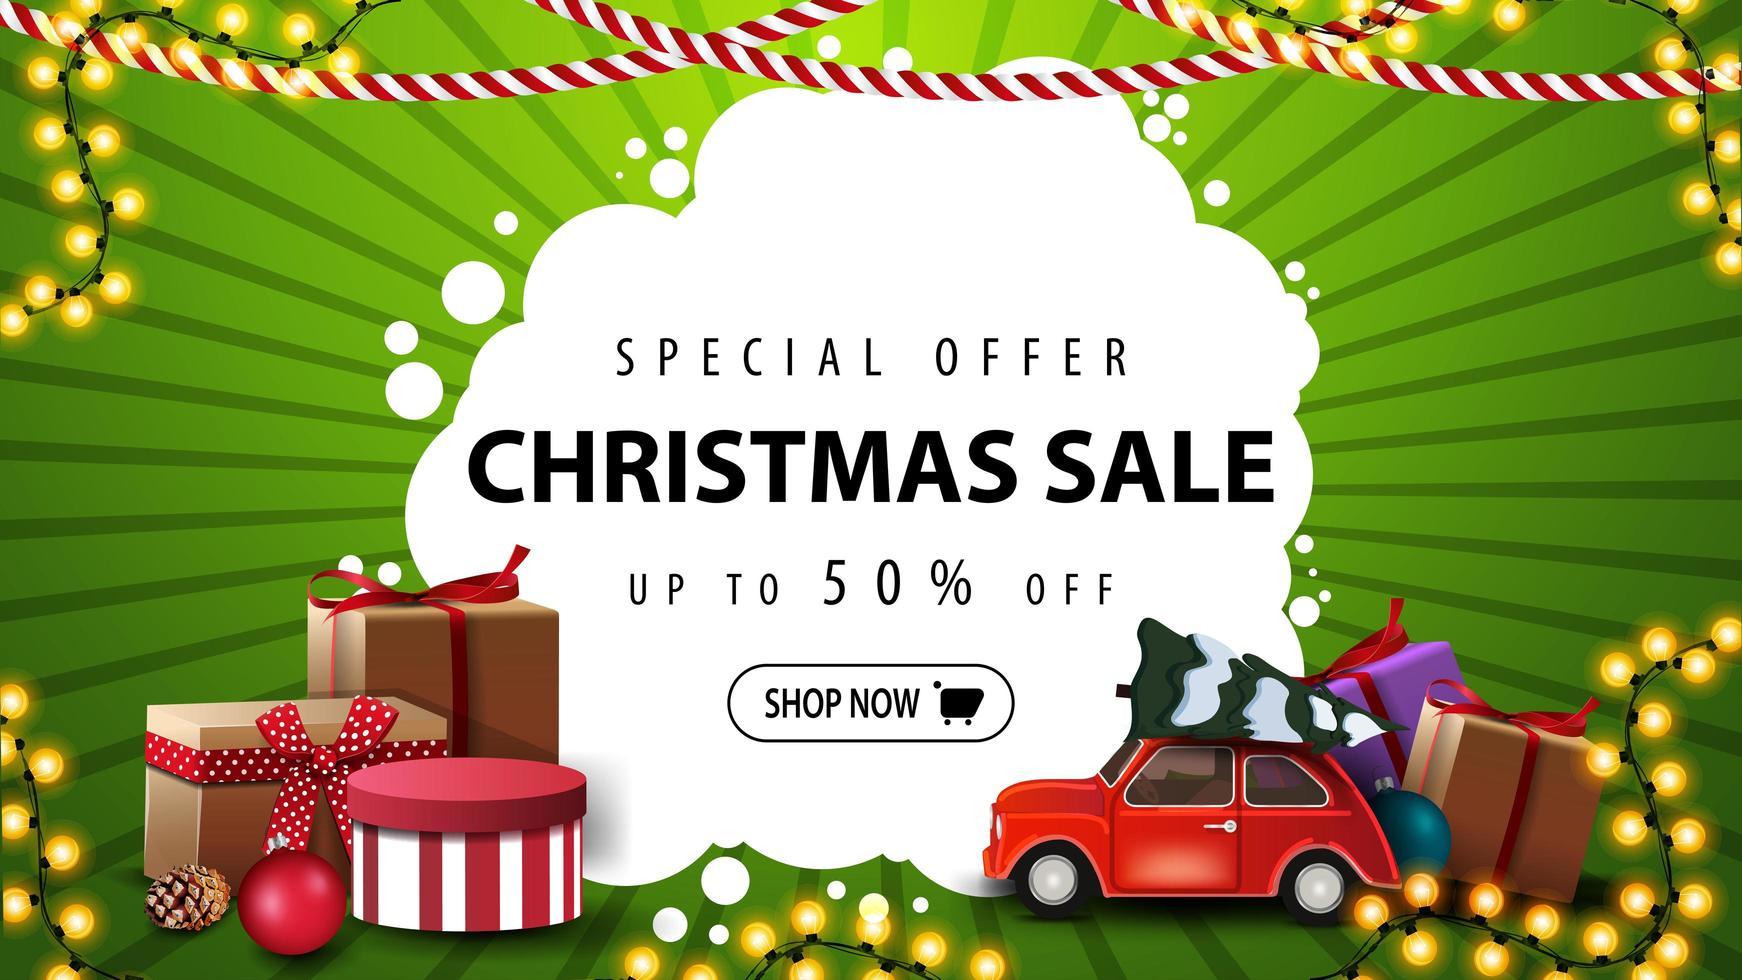 speciale aanbieding, kerstuitverkoop, tot 50 korting, groene en witte banner met cadeautjes, slinger en rode vintage auto met kerstboom vector